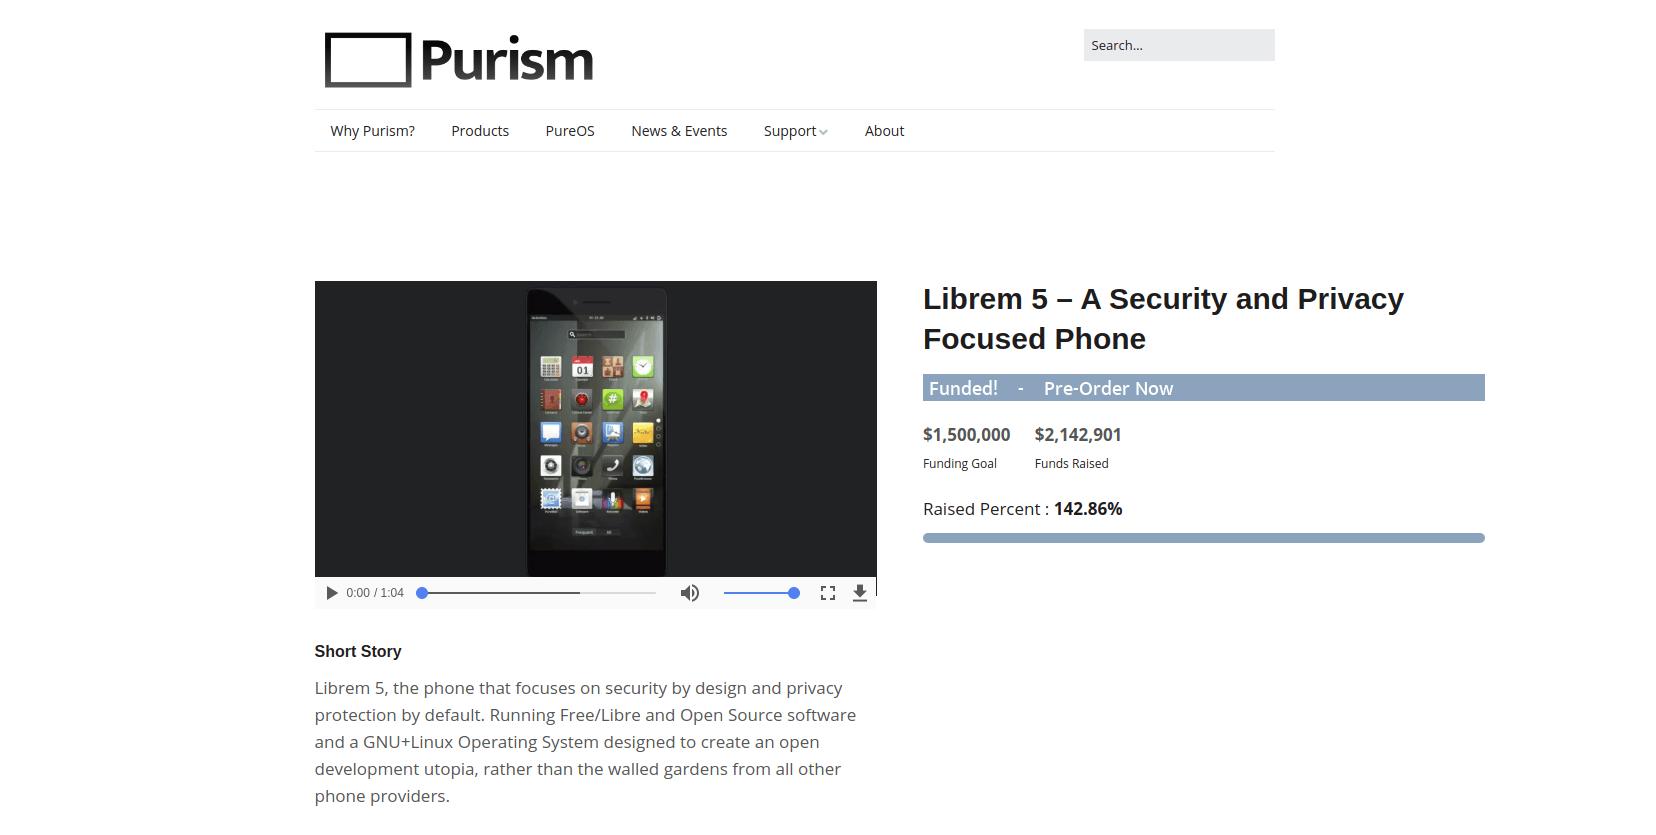 Zbiórka funduszy na projekt Librem 5 - smartfona z prawdziwym Linuxem - właśnie się zakończyła 23